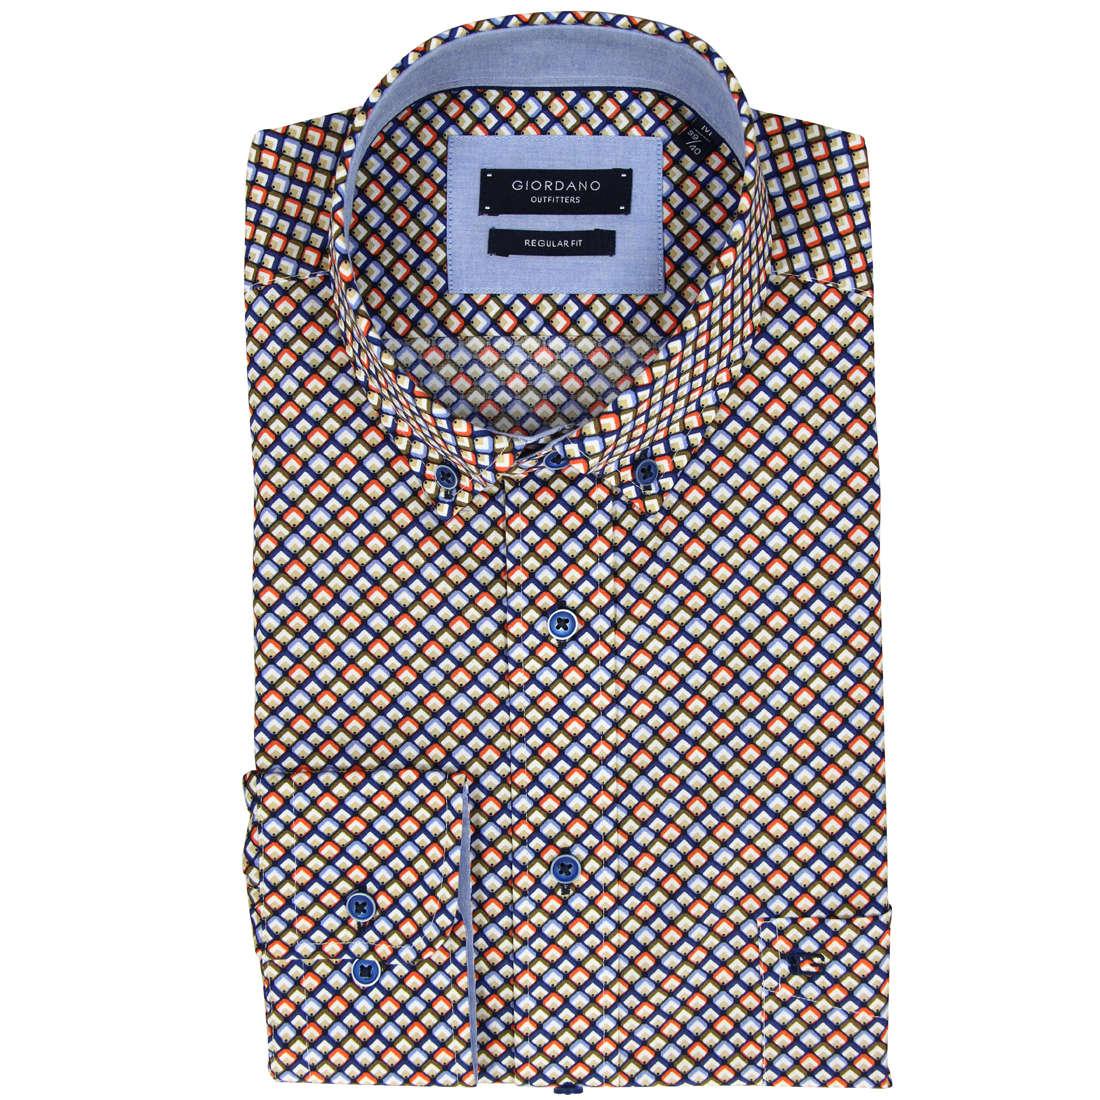 Image of Giordano overhemd Regular Fit 81-7032 in het Koraal